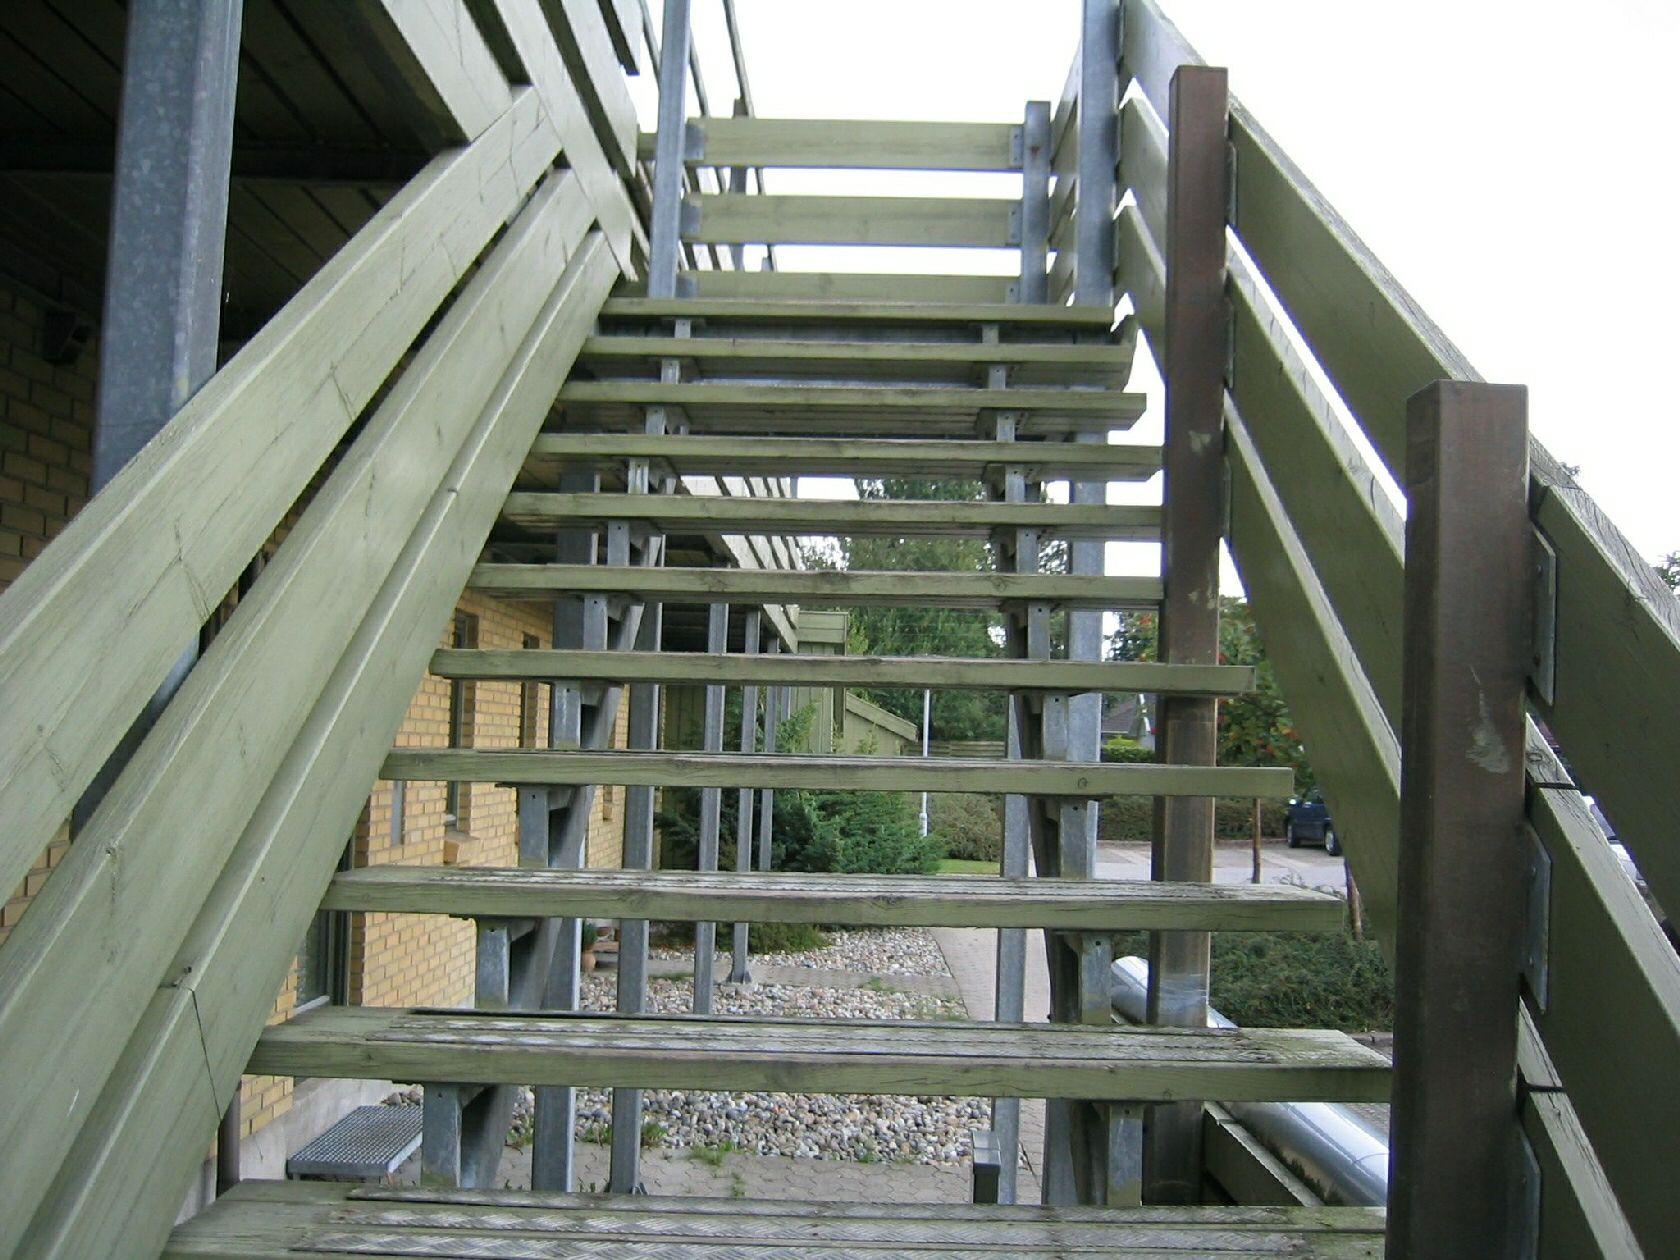 Picture of: Traetrin Trae Trappetrin Udskiftning Til Standard Stal Pladetrin Montering Tilbud Pris Scholler Stal Trappe